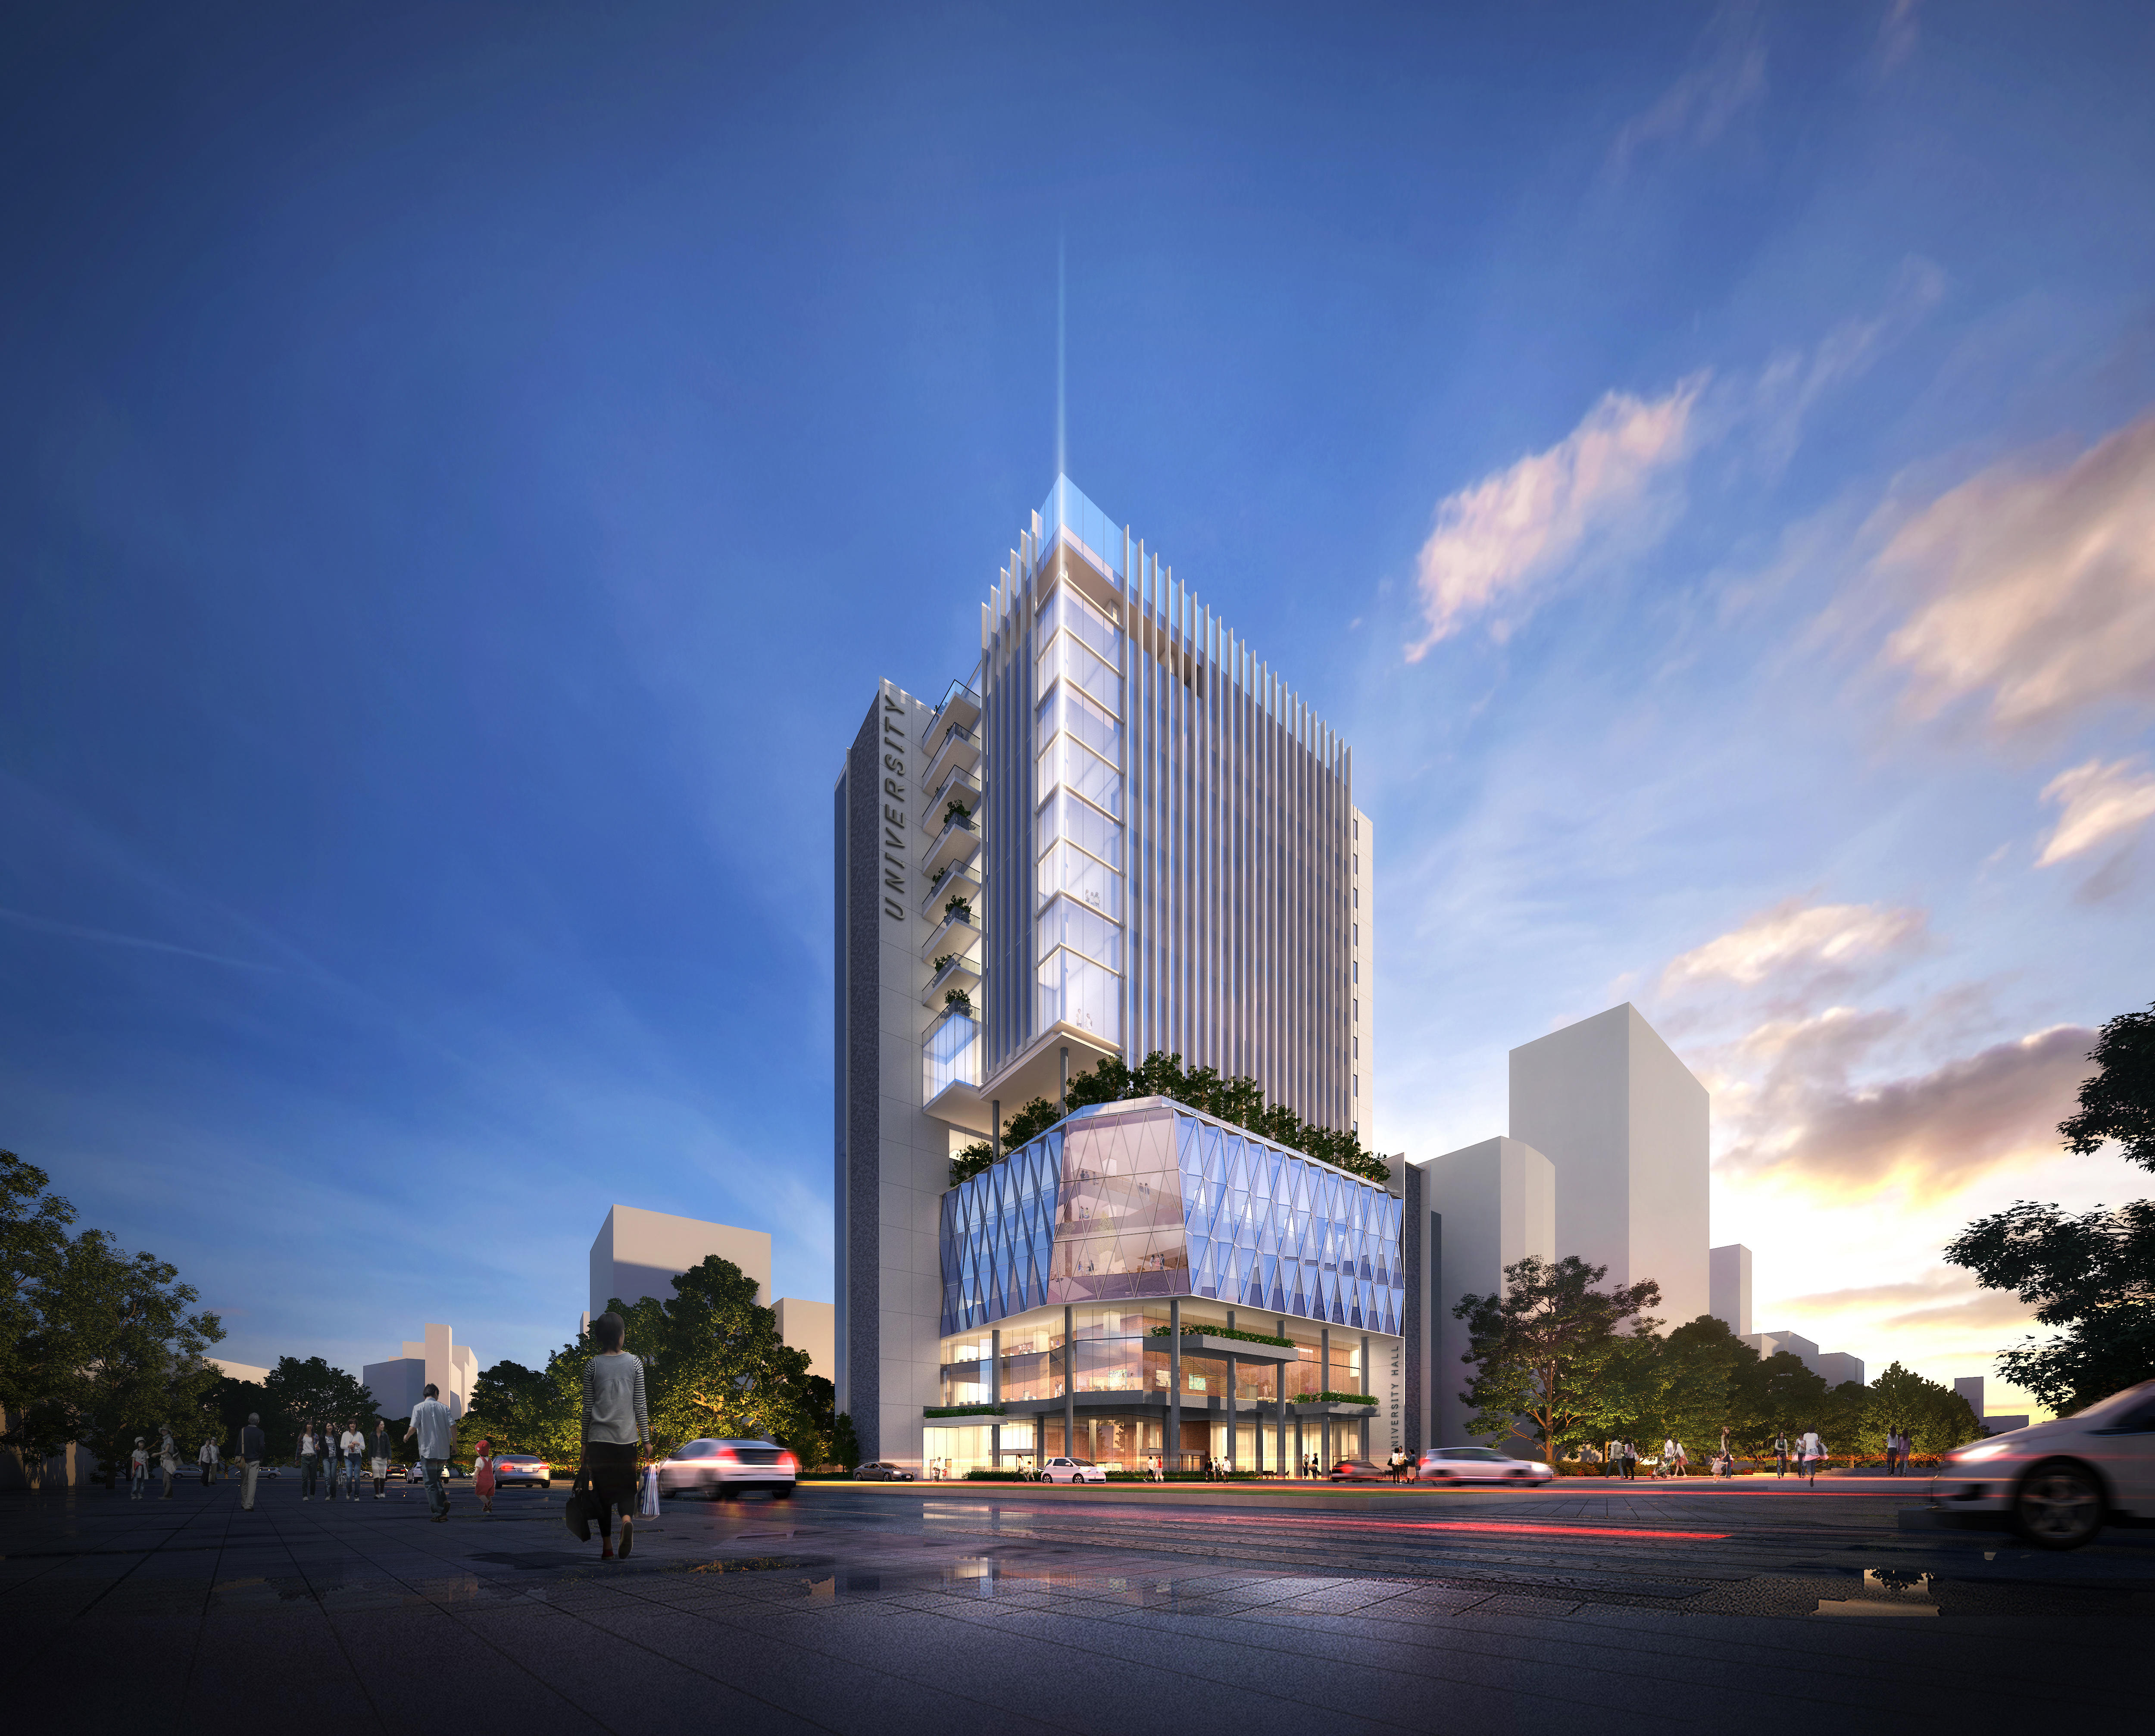 横浜市都心部における、新キャンパス開設計画について -- 関東学院大学